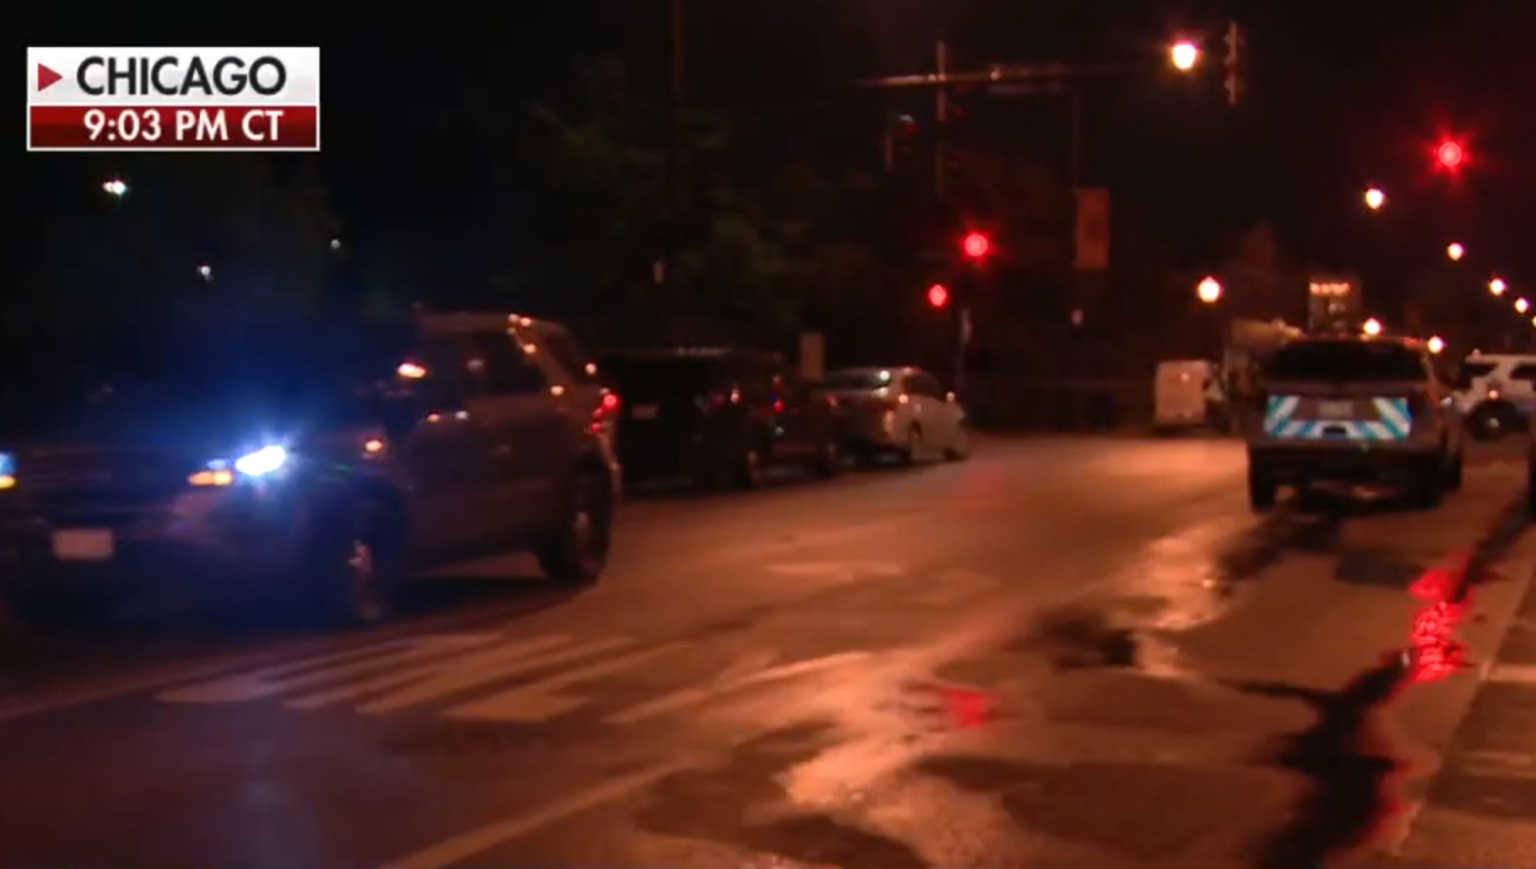 """Νέα τραγωδία στο Σικάγο! """"Γάζωσαν"""" με σφαίρες κηδεία – Τουλάχιστον 14 τραυματίες"""